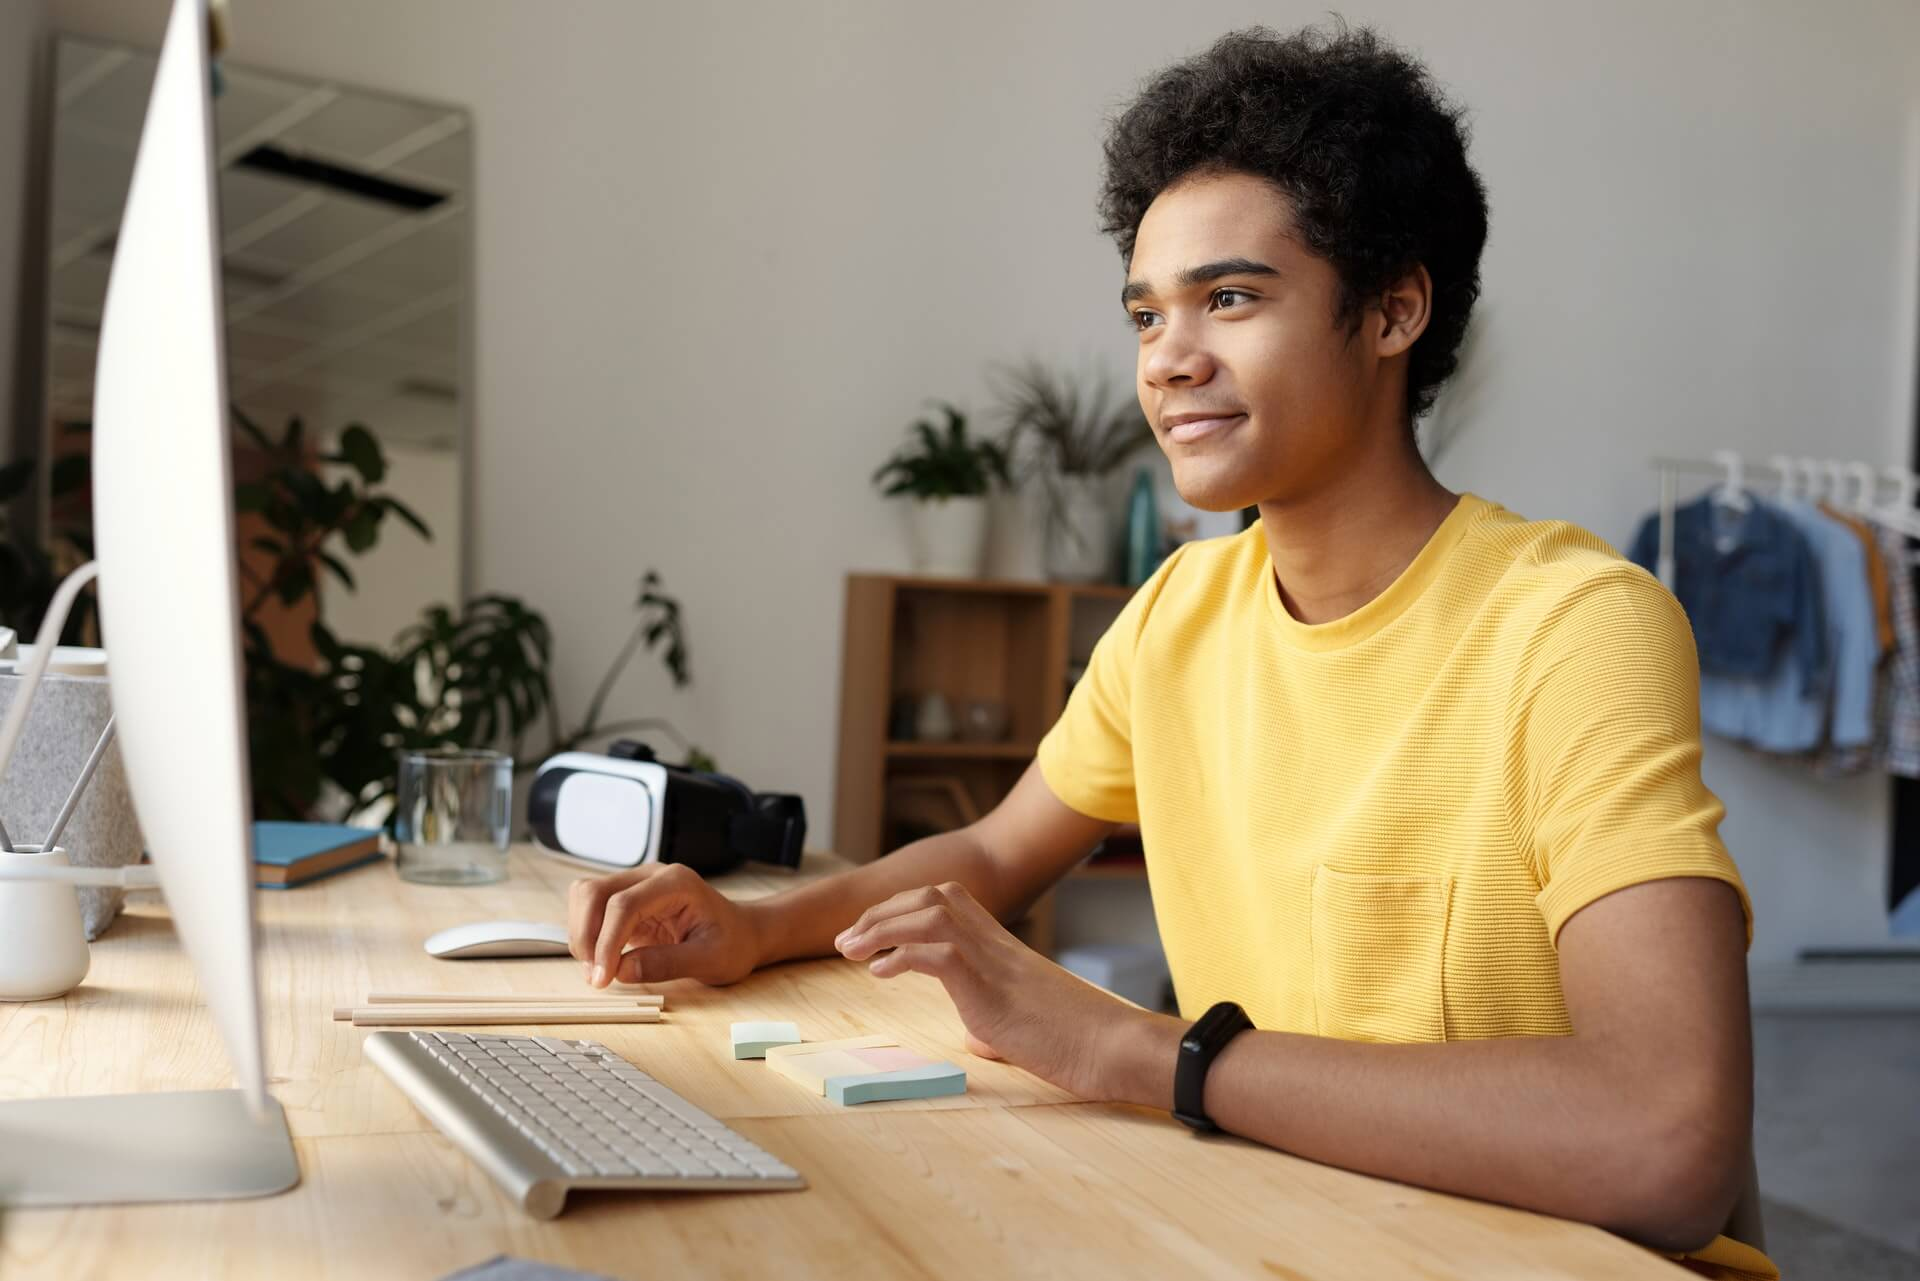 Vemos um homem olhando para a tela de um computador (imagem ilustrativa). Texto: franquia de educação qualifica cursos.